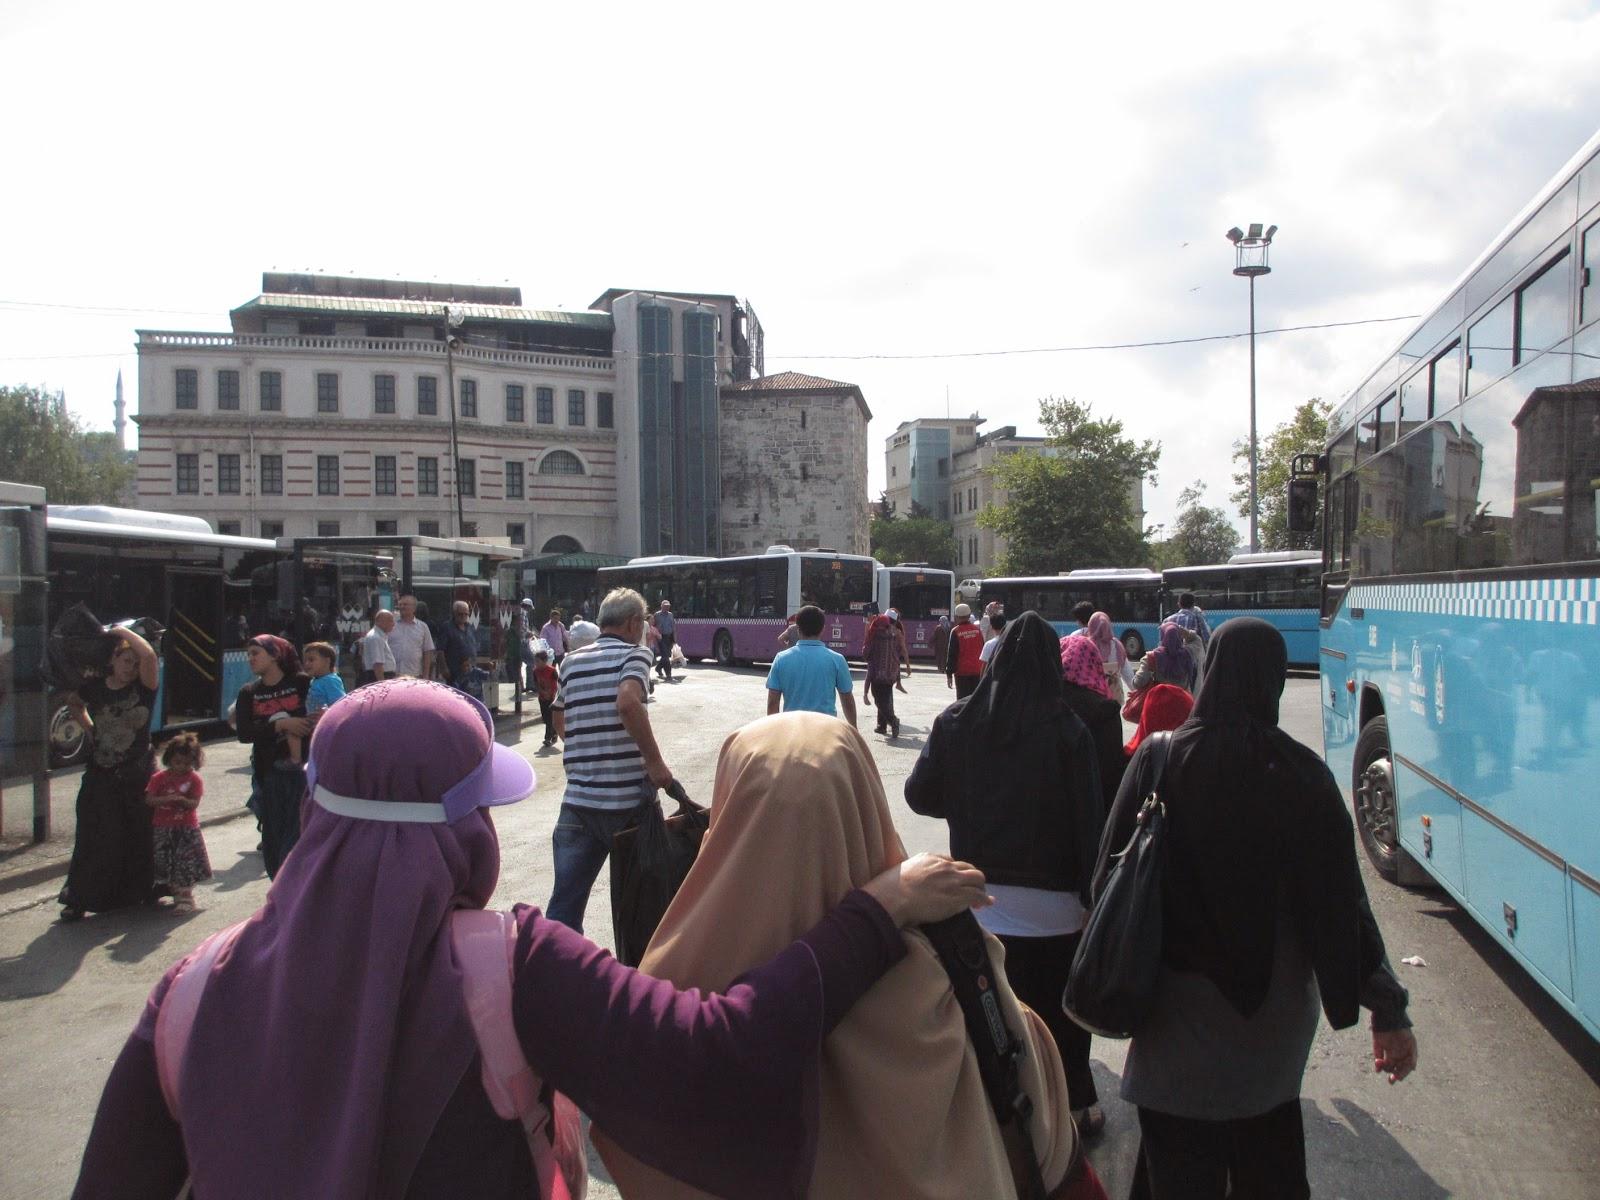 Travel Umroh Tour 2015 Terbaik Bagus dan Terpercaya